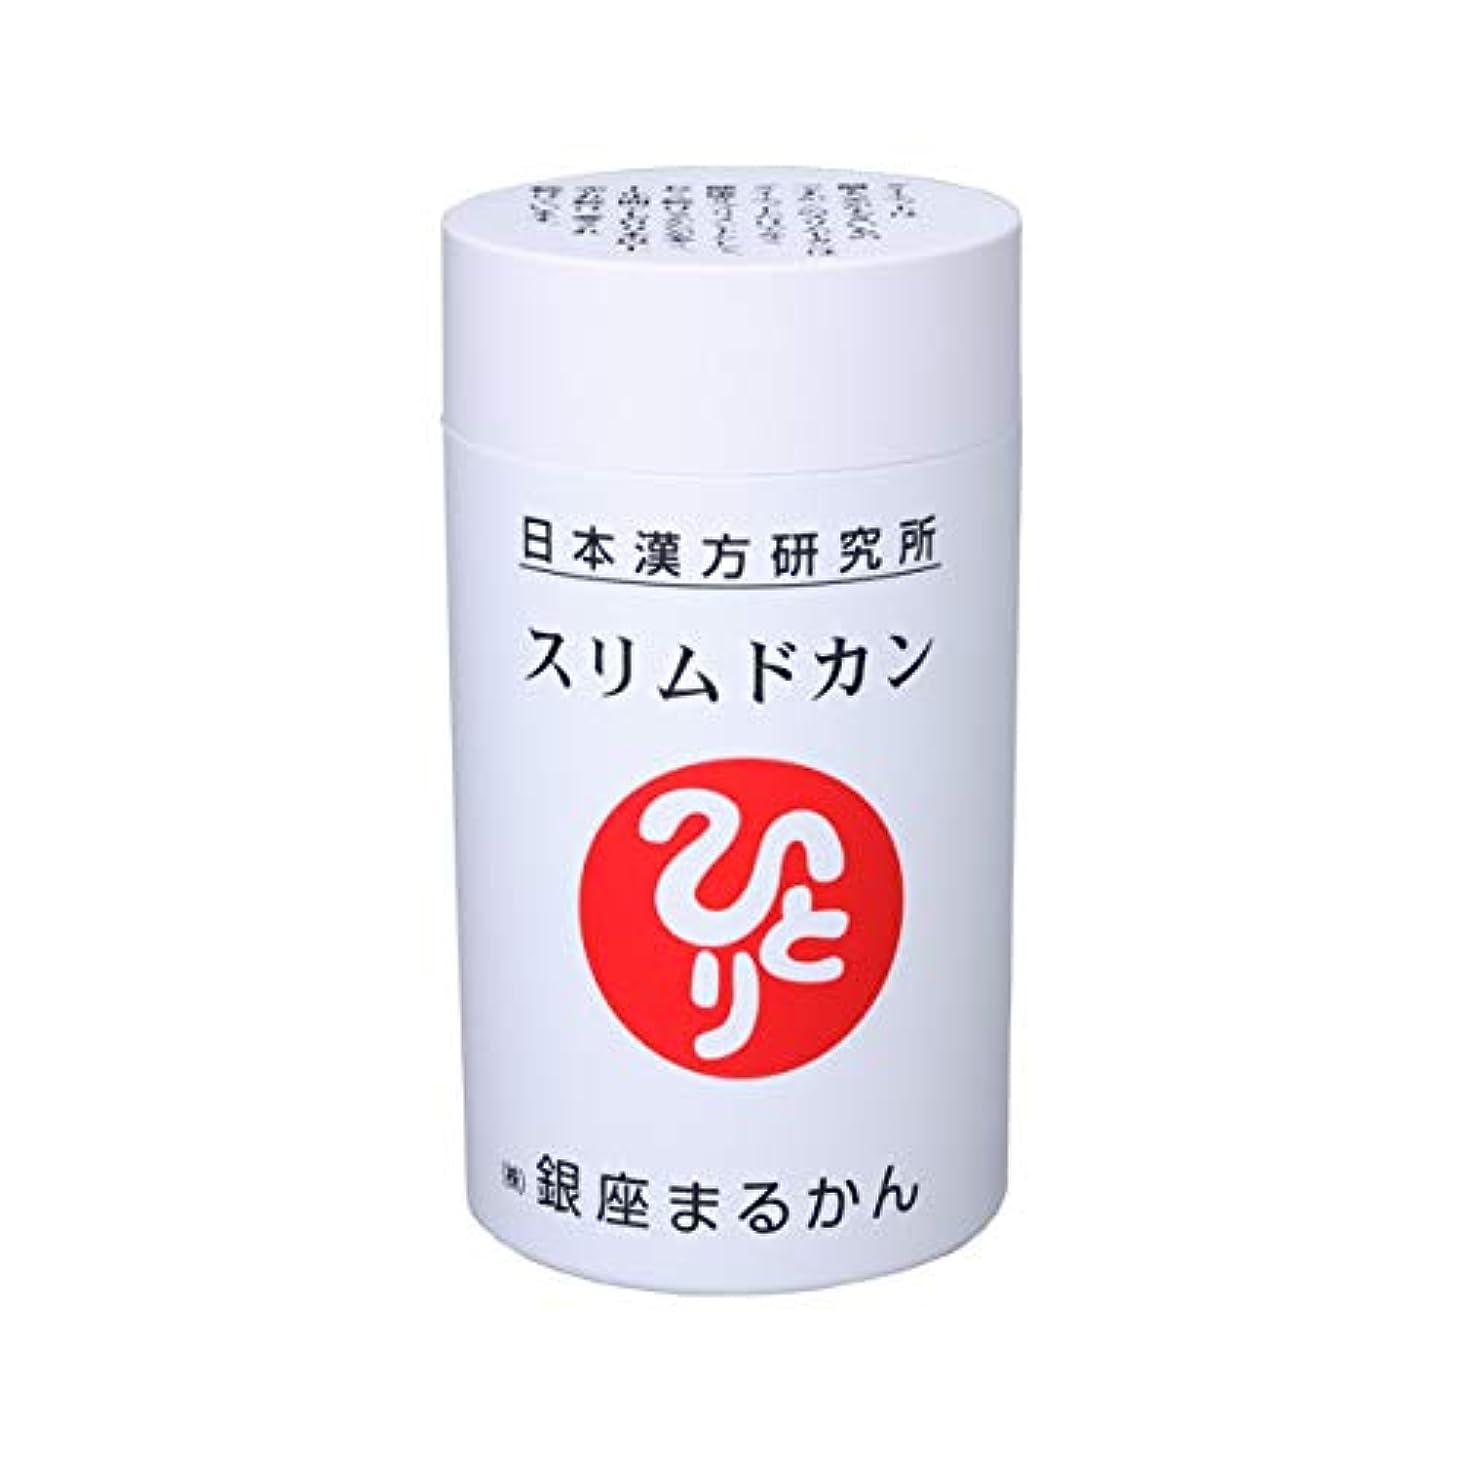 カスケードカウント練る銀座まるかん スリムドカン165g 【2個セット】